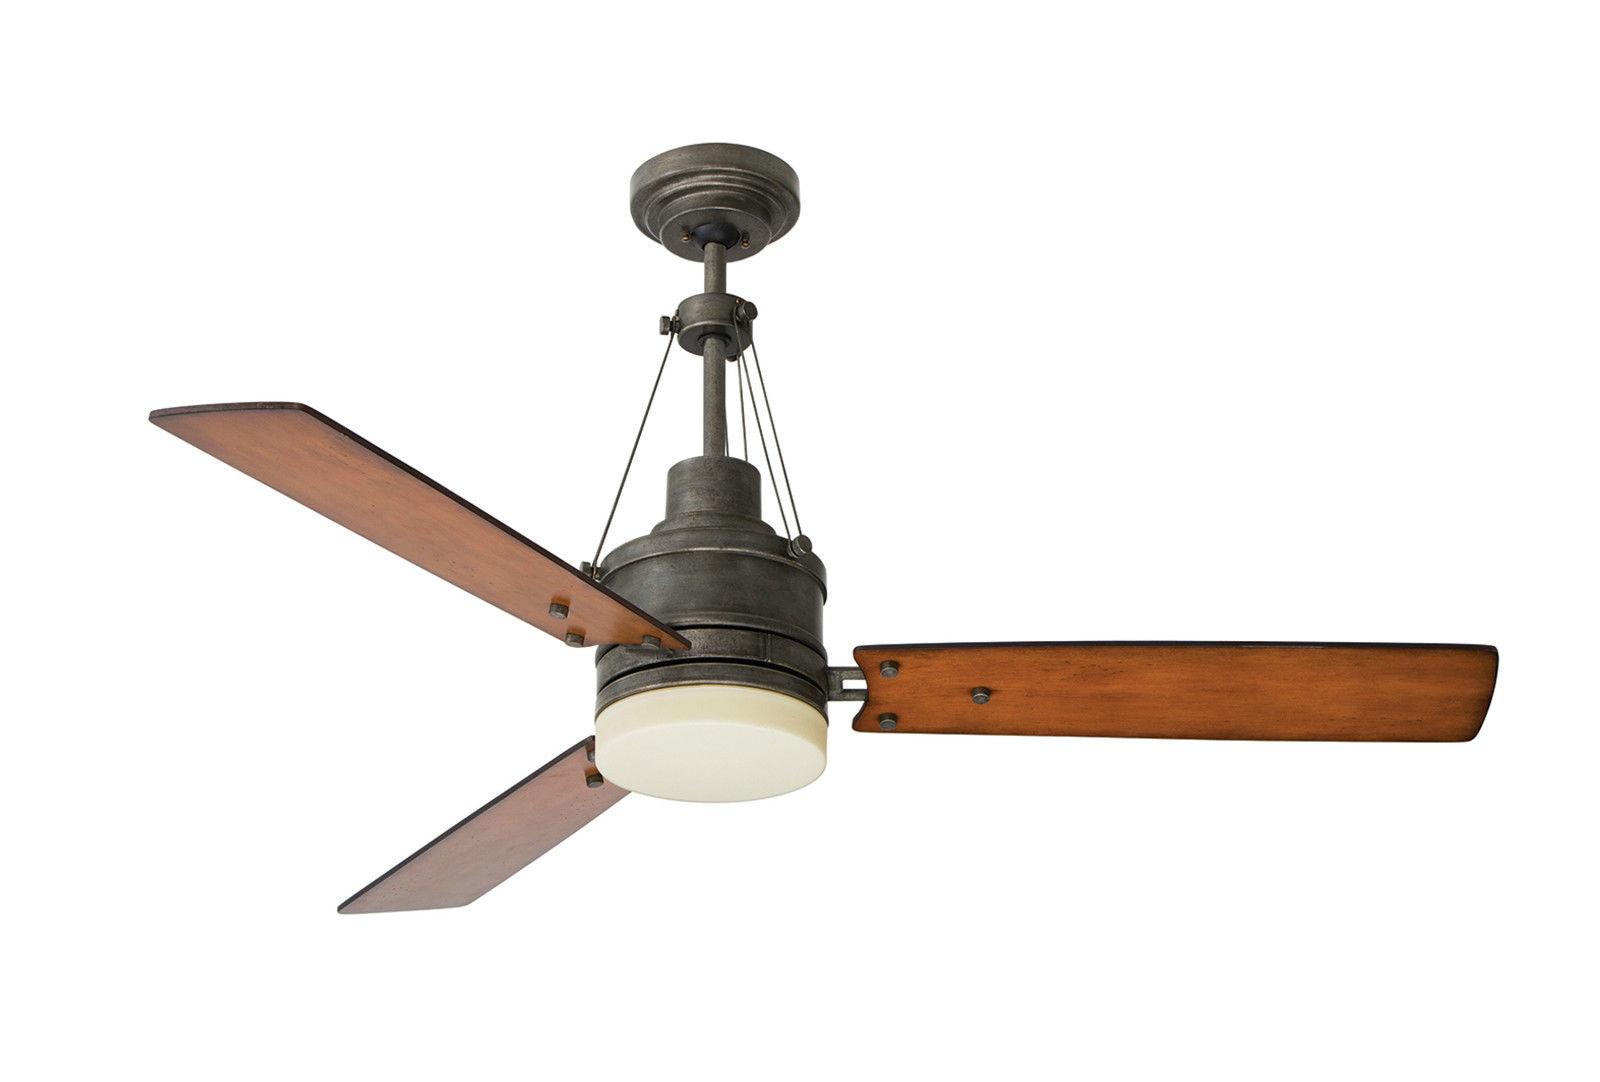 vintage ceiling fans photo - 3